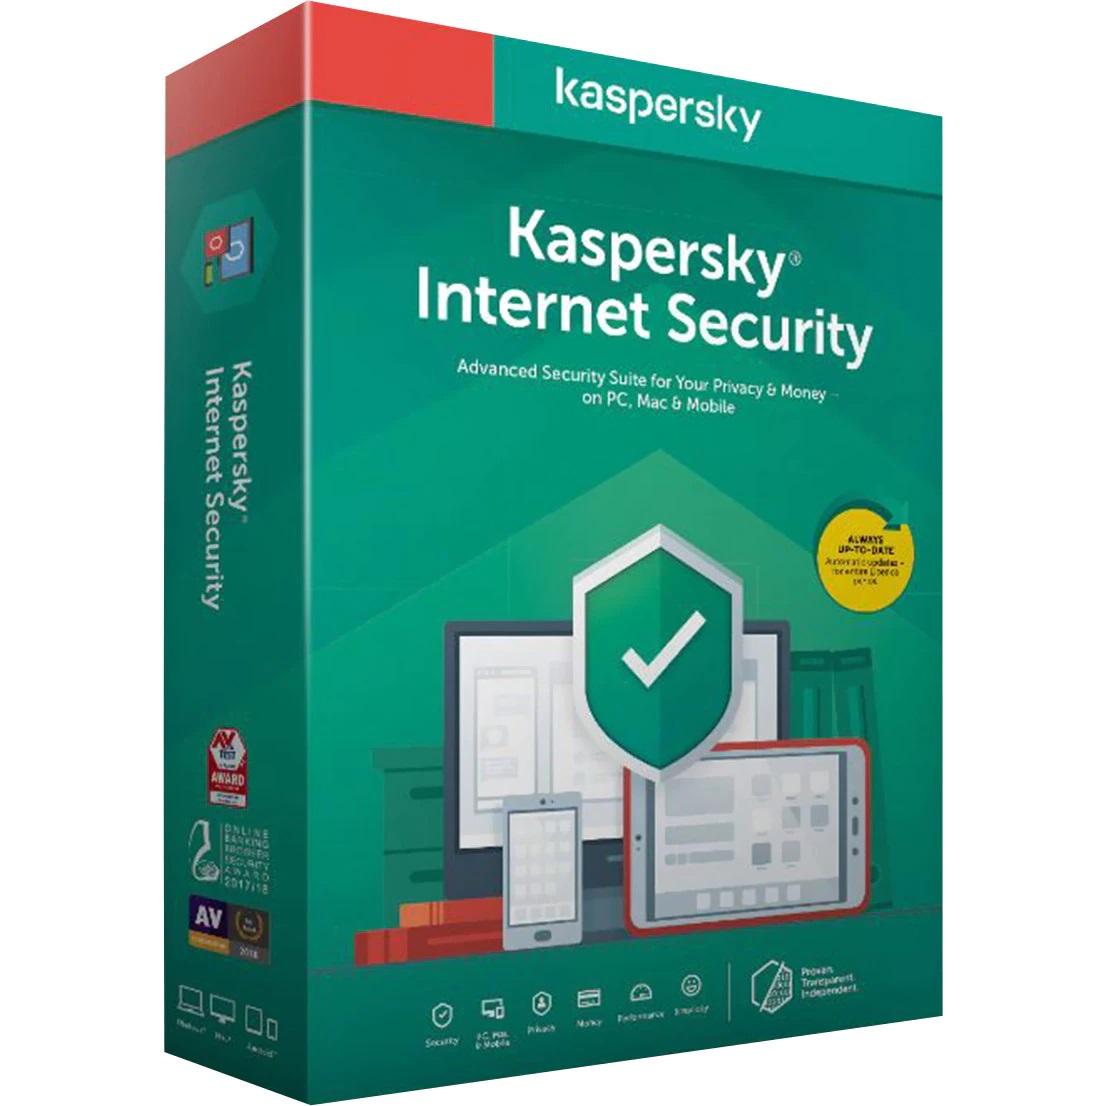 Licenta Retail Kaspersky Internet Security, 1 An, 1 Dispozitiv - imaginea 1